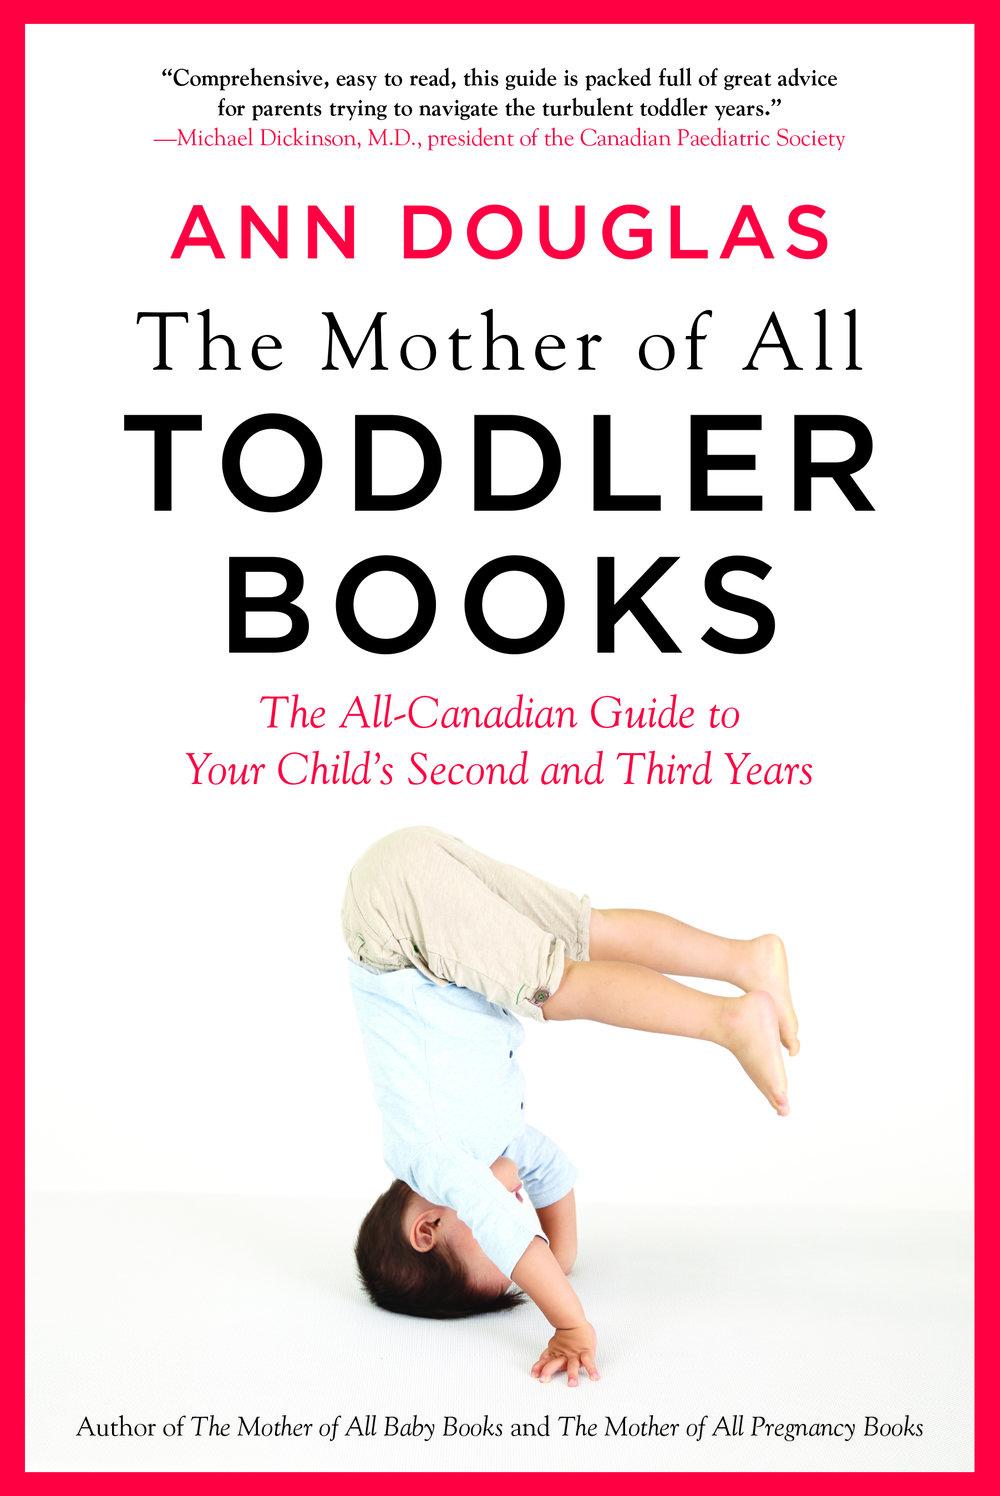 MotherOfAllToddlerBooks.jpg